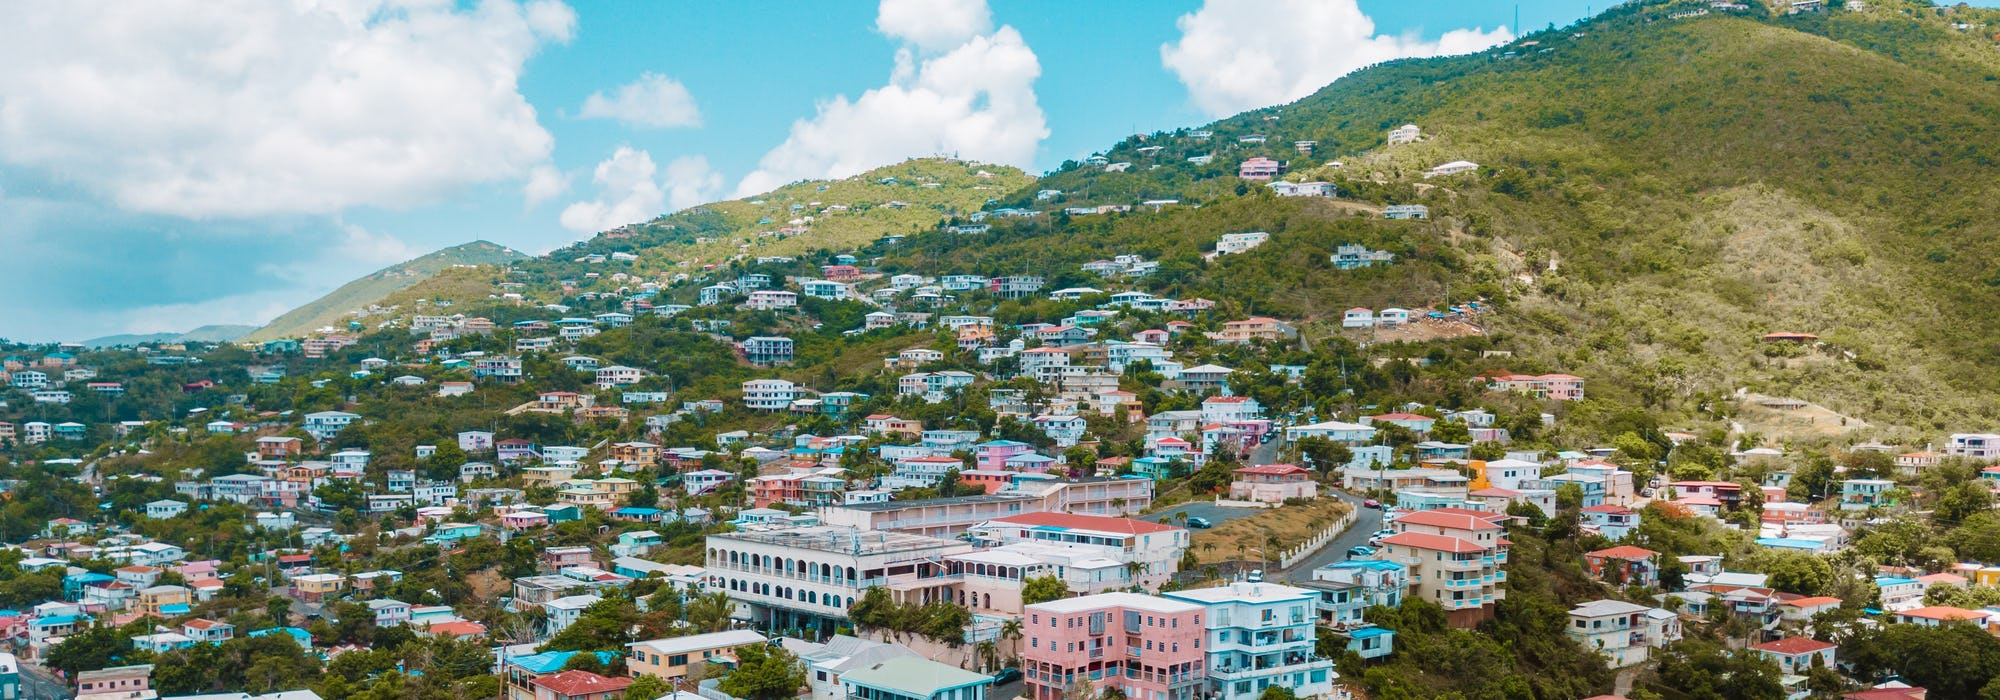 St Thomas, Charlotte Amalie